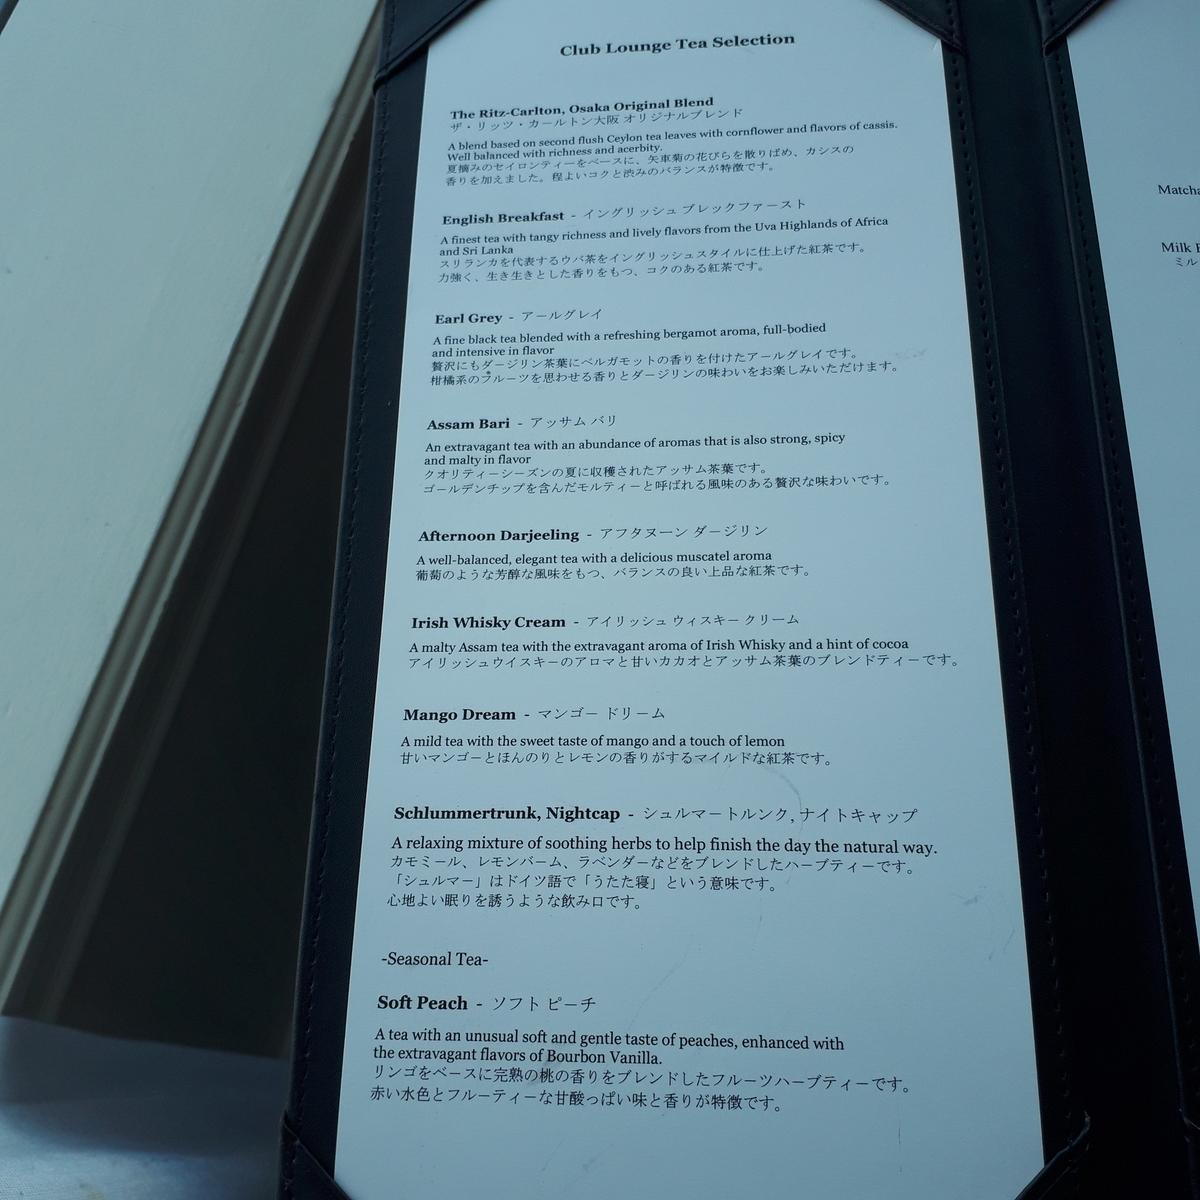 リッツカールトン大阪 クラブラウンジ 紅茶メニュー